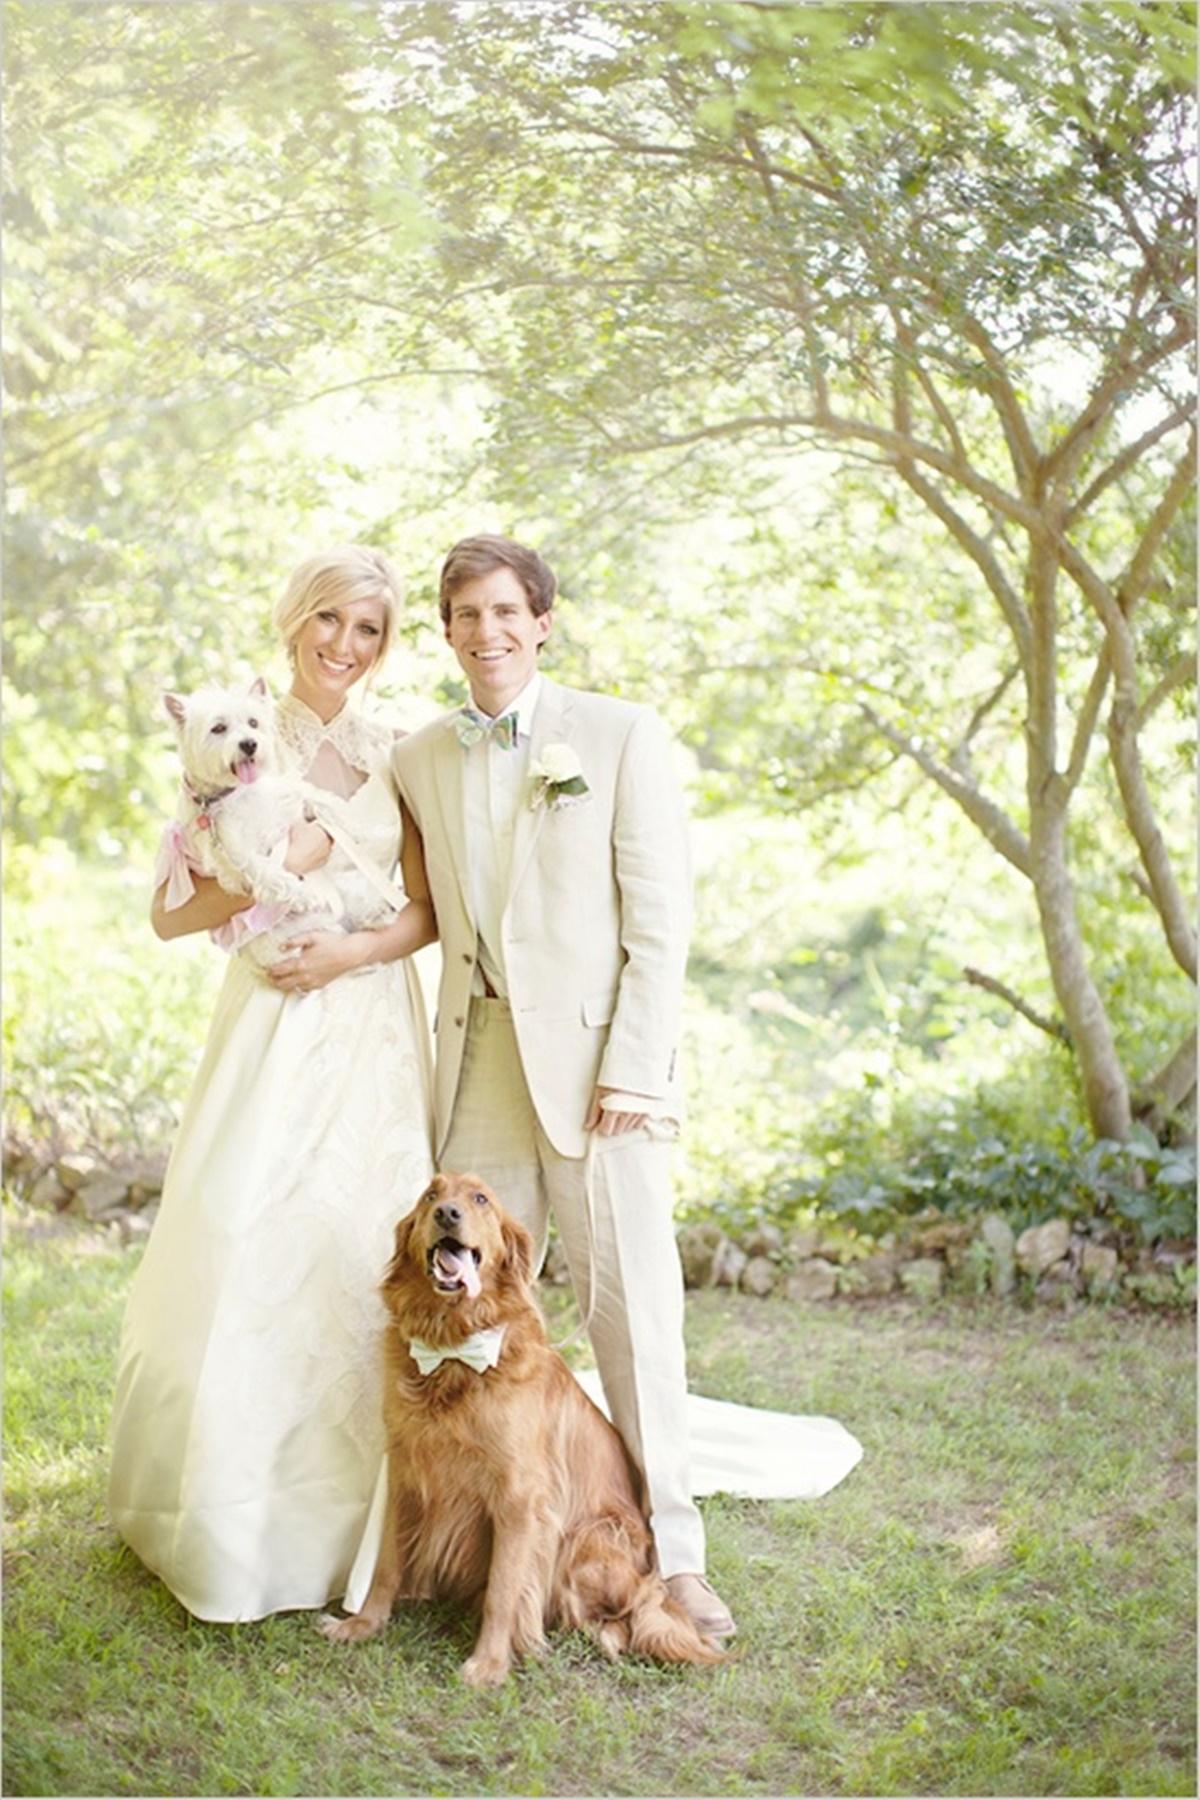 sposi con cane seduto e cane in braccio